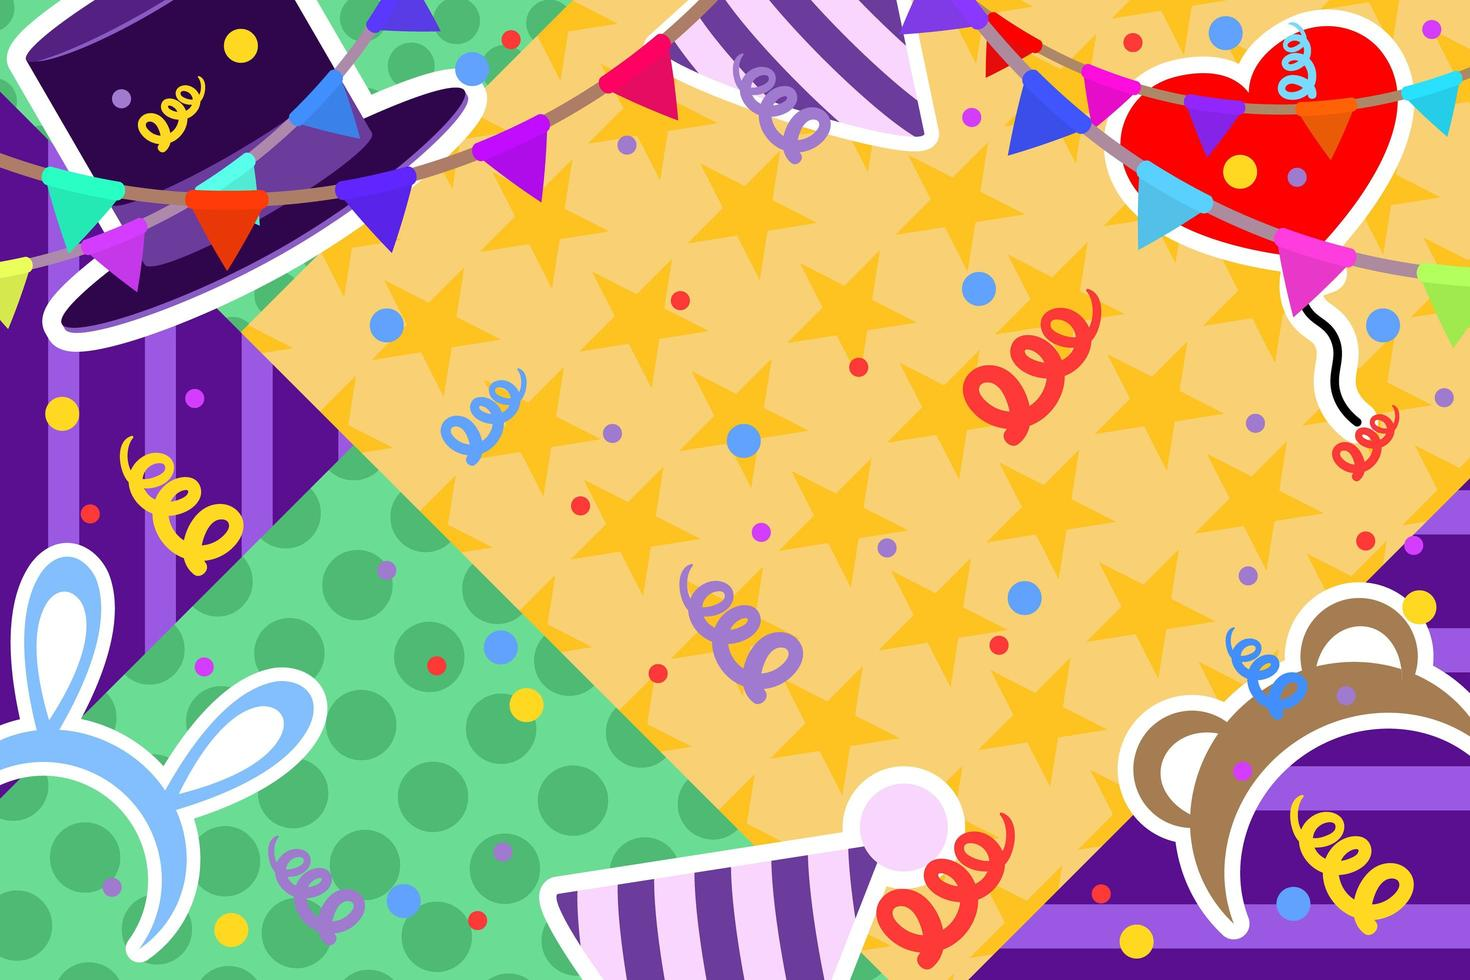 kleurrijk verjaardagsontwerp vector